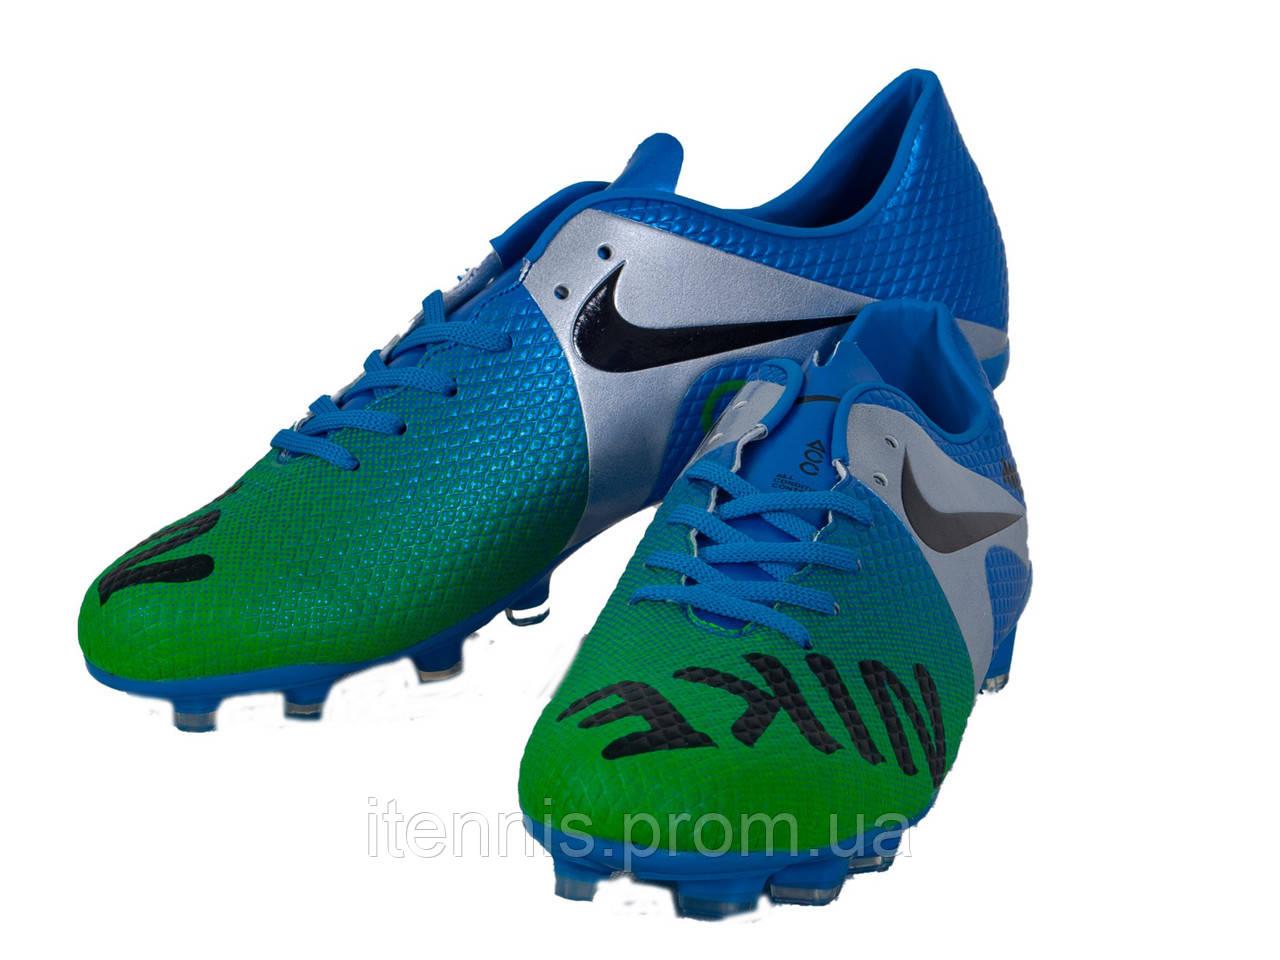 Футбольные бутсы Nike CR7-Elite (p.40-45) Elite